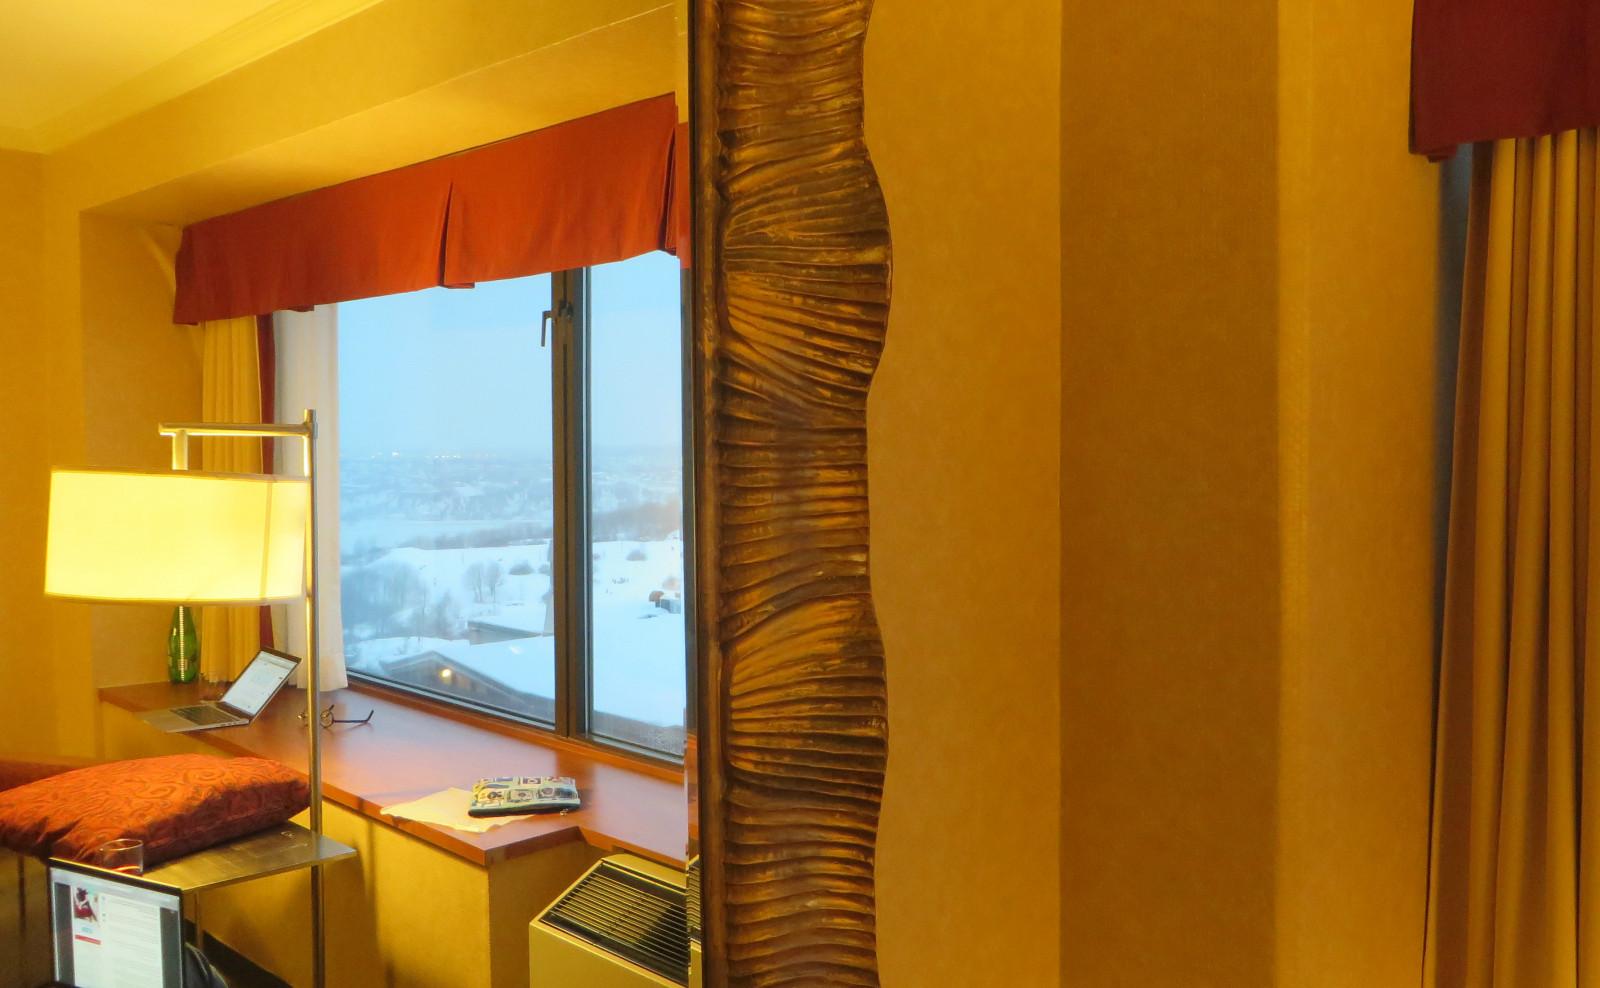 Fond d\'écran : architecture, chambre, mur, maison, un hôtel, jaune ...